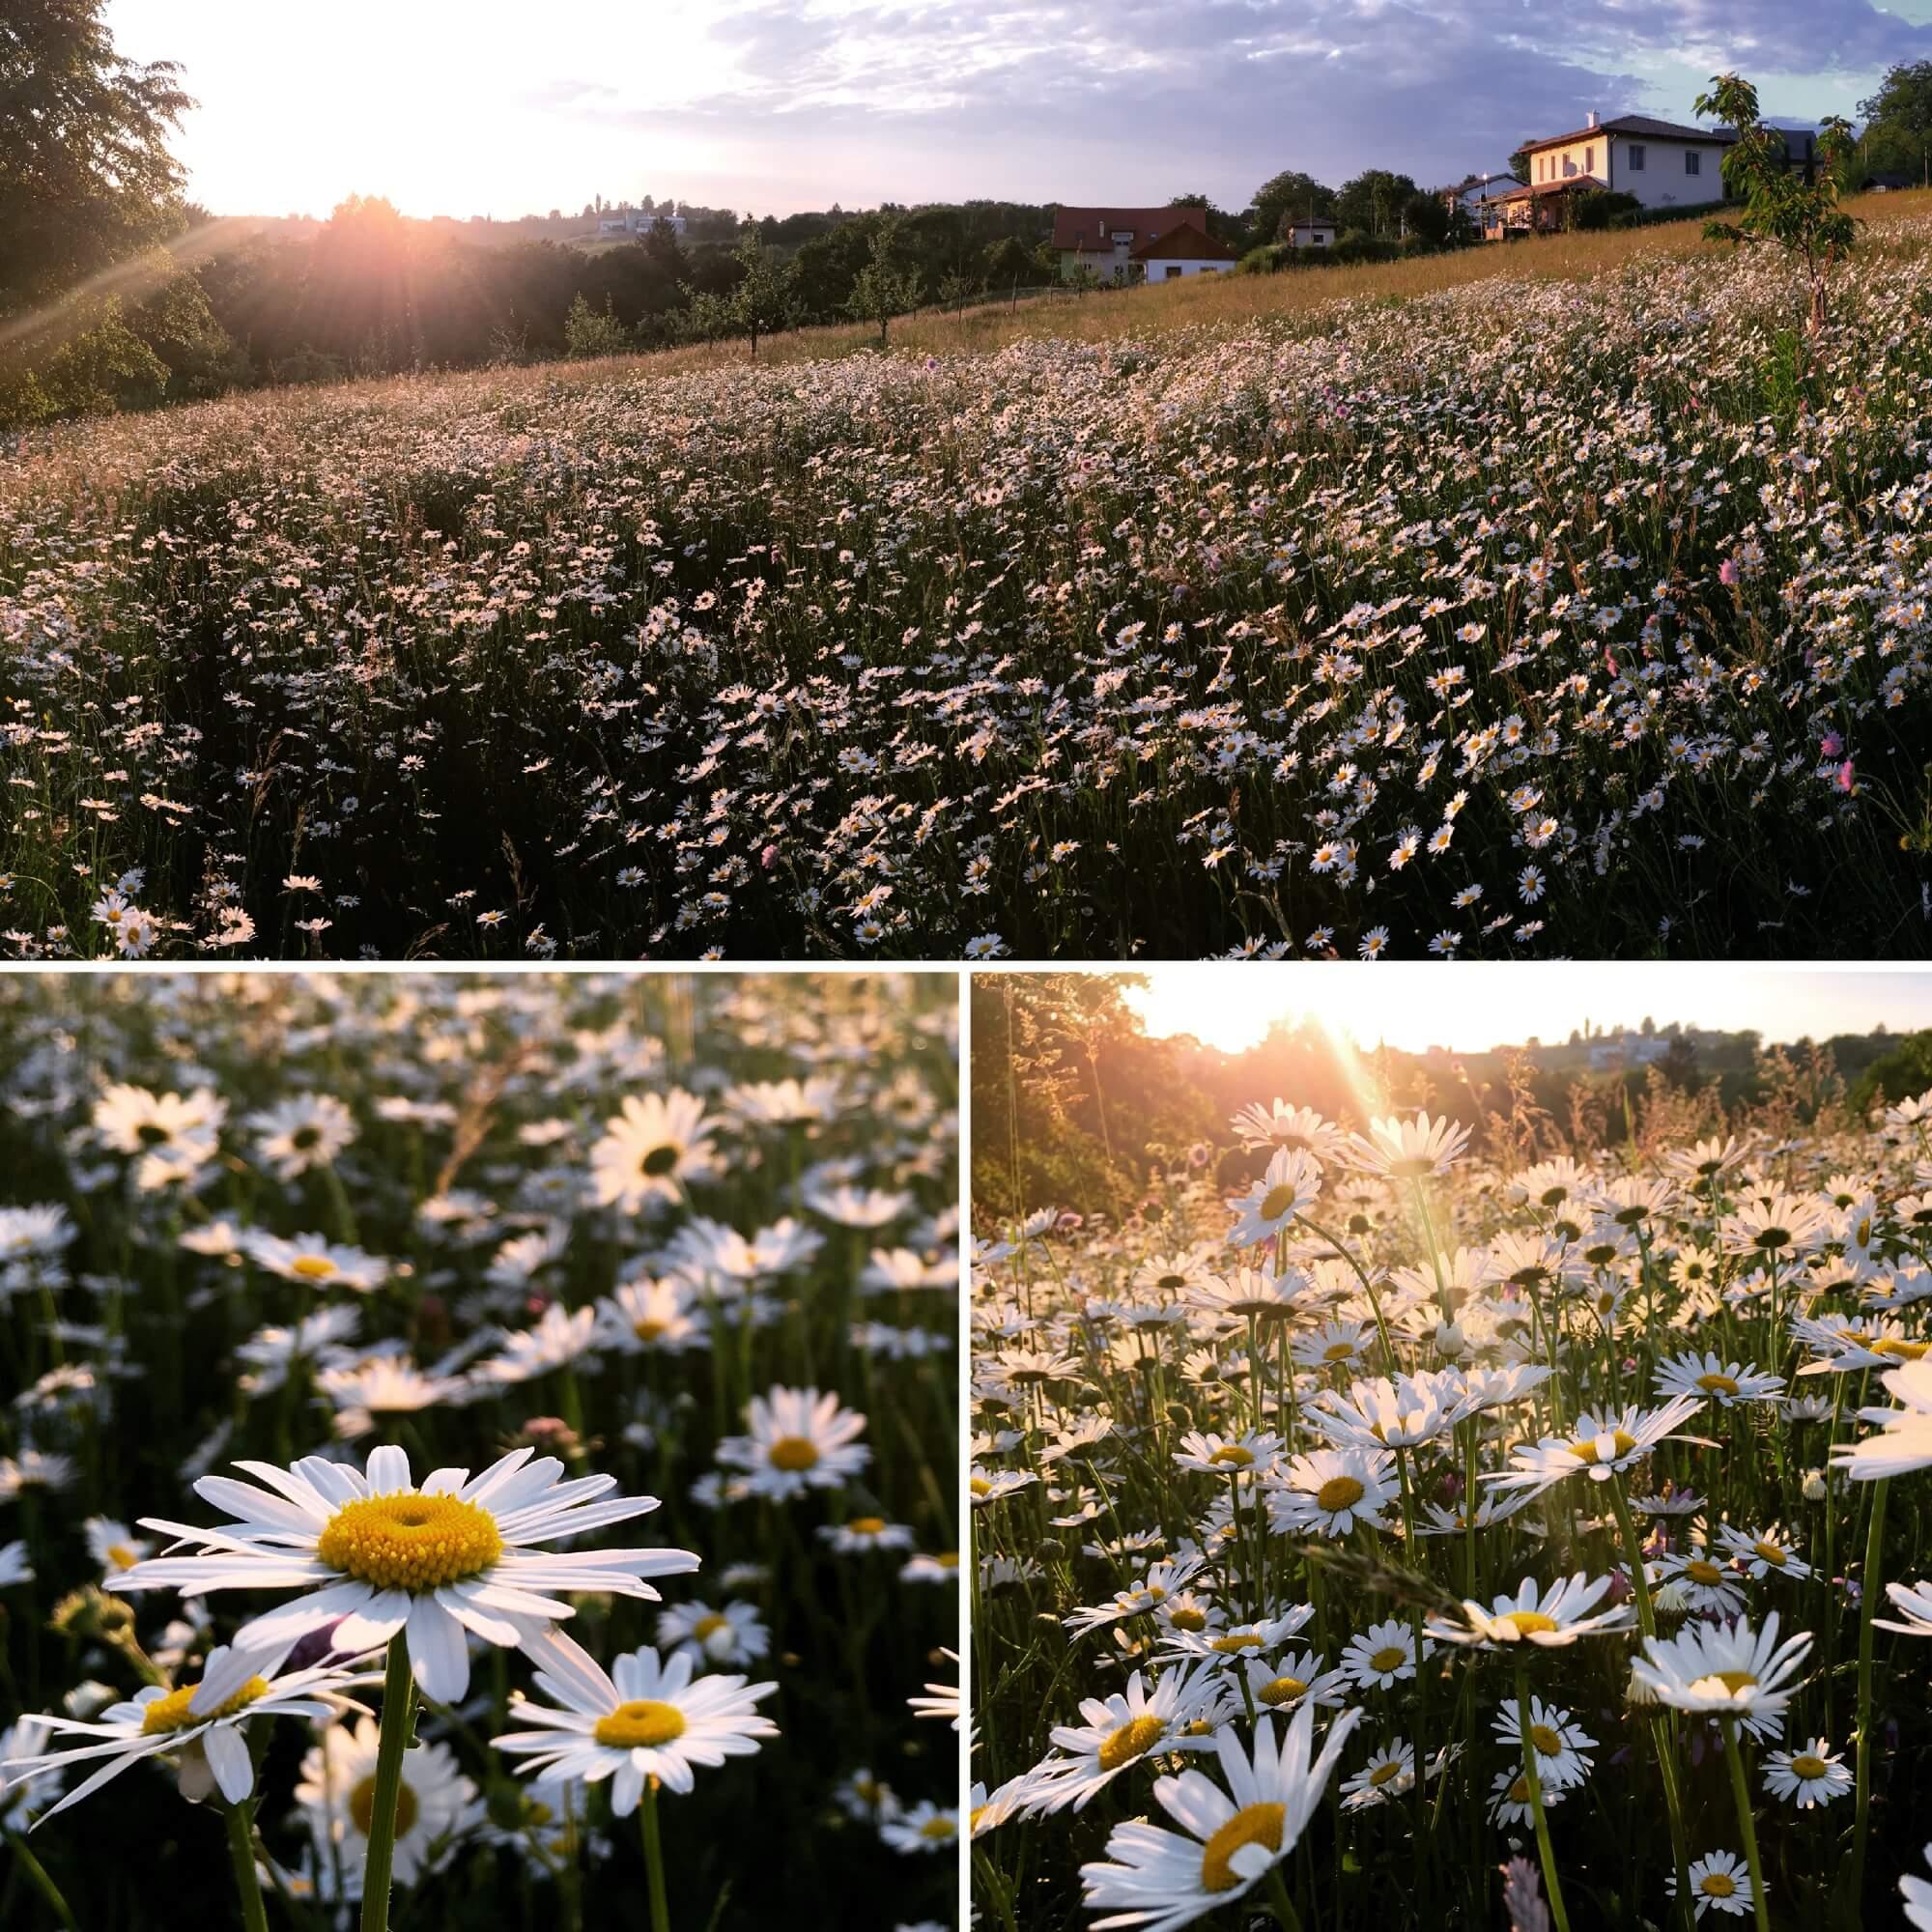 @kirchbergvital  In Siegersdorf gibt's zwar keinen Sandstrand, aber das lässt sich verschmerzen, wenn man ein erstklassiges Blumen-Meer vor der Haustür hat :) #urlaubzuhause #zuhauseistesdochamschönsten #steiermark💚